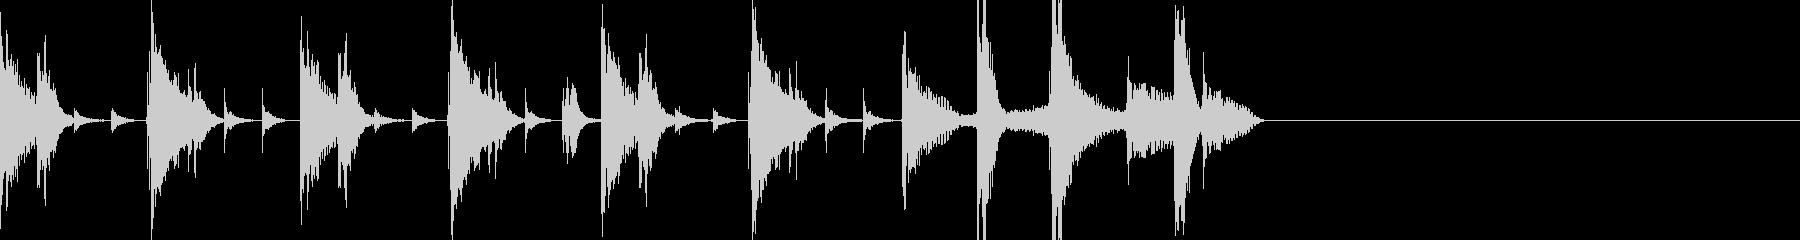 シンキングタイム用音楽(ドラムのみ)の未再生の波形